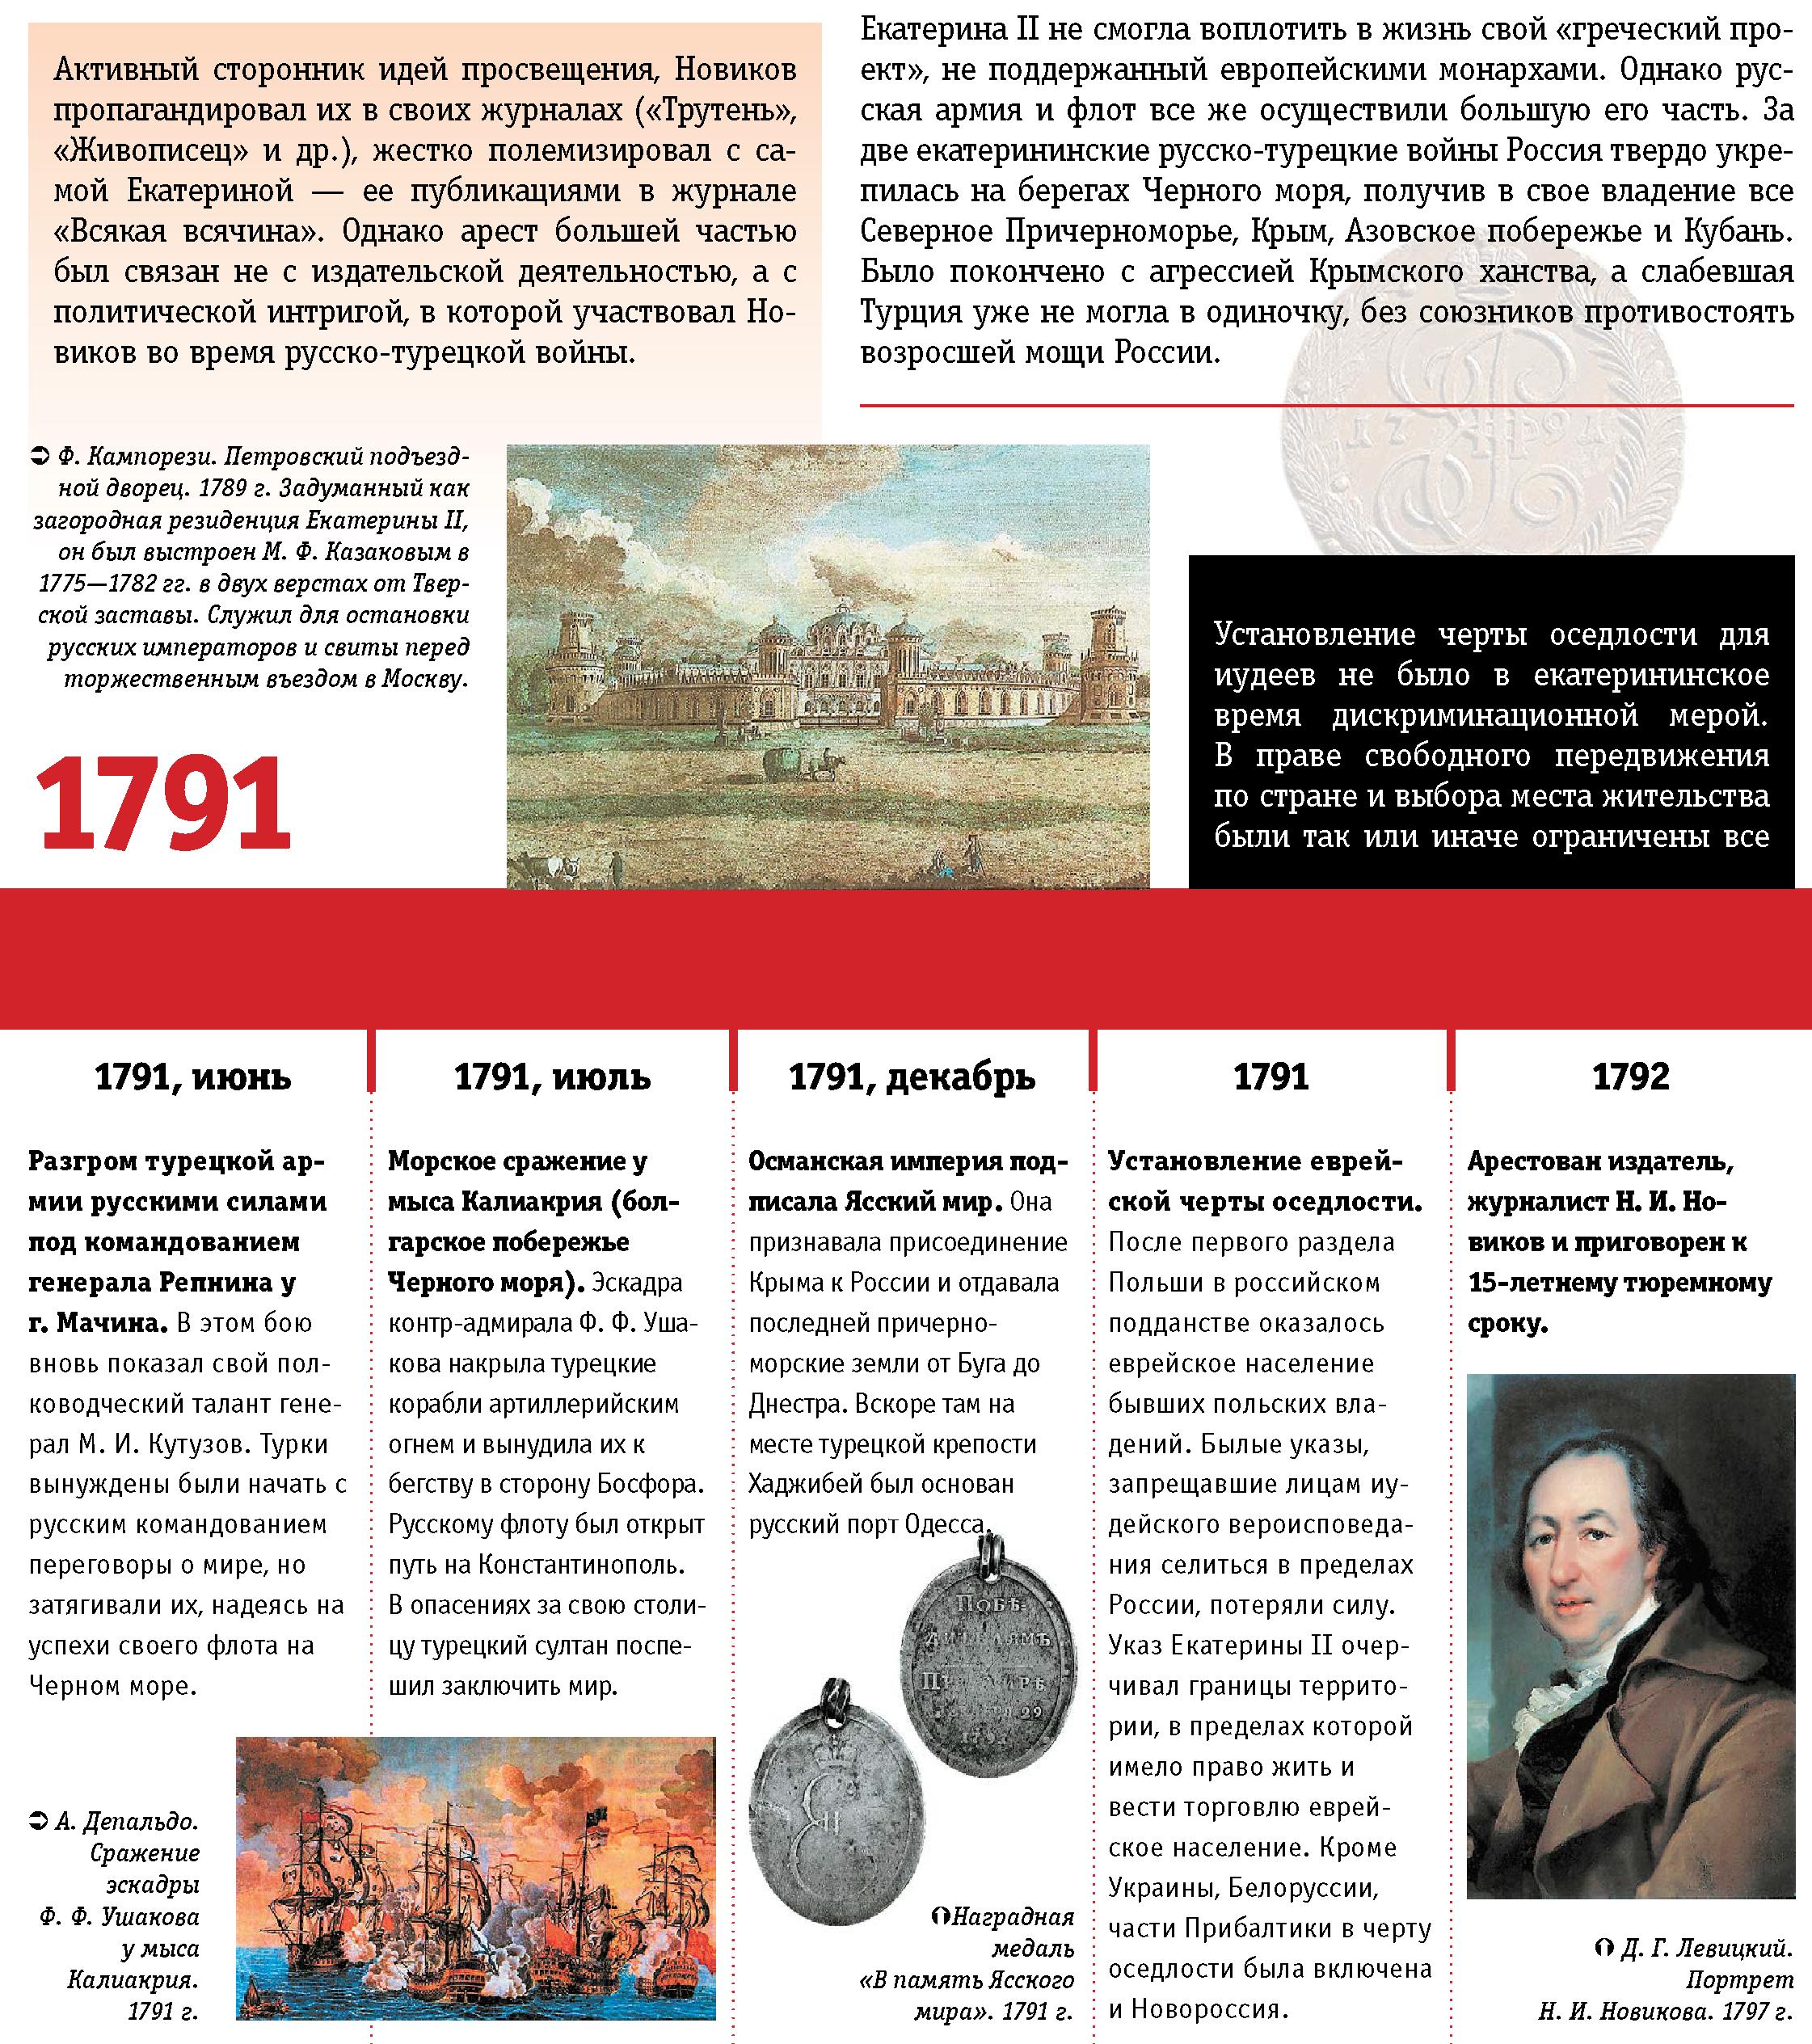 IstoriayRossAtlas_2439.png